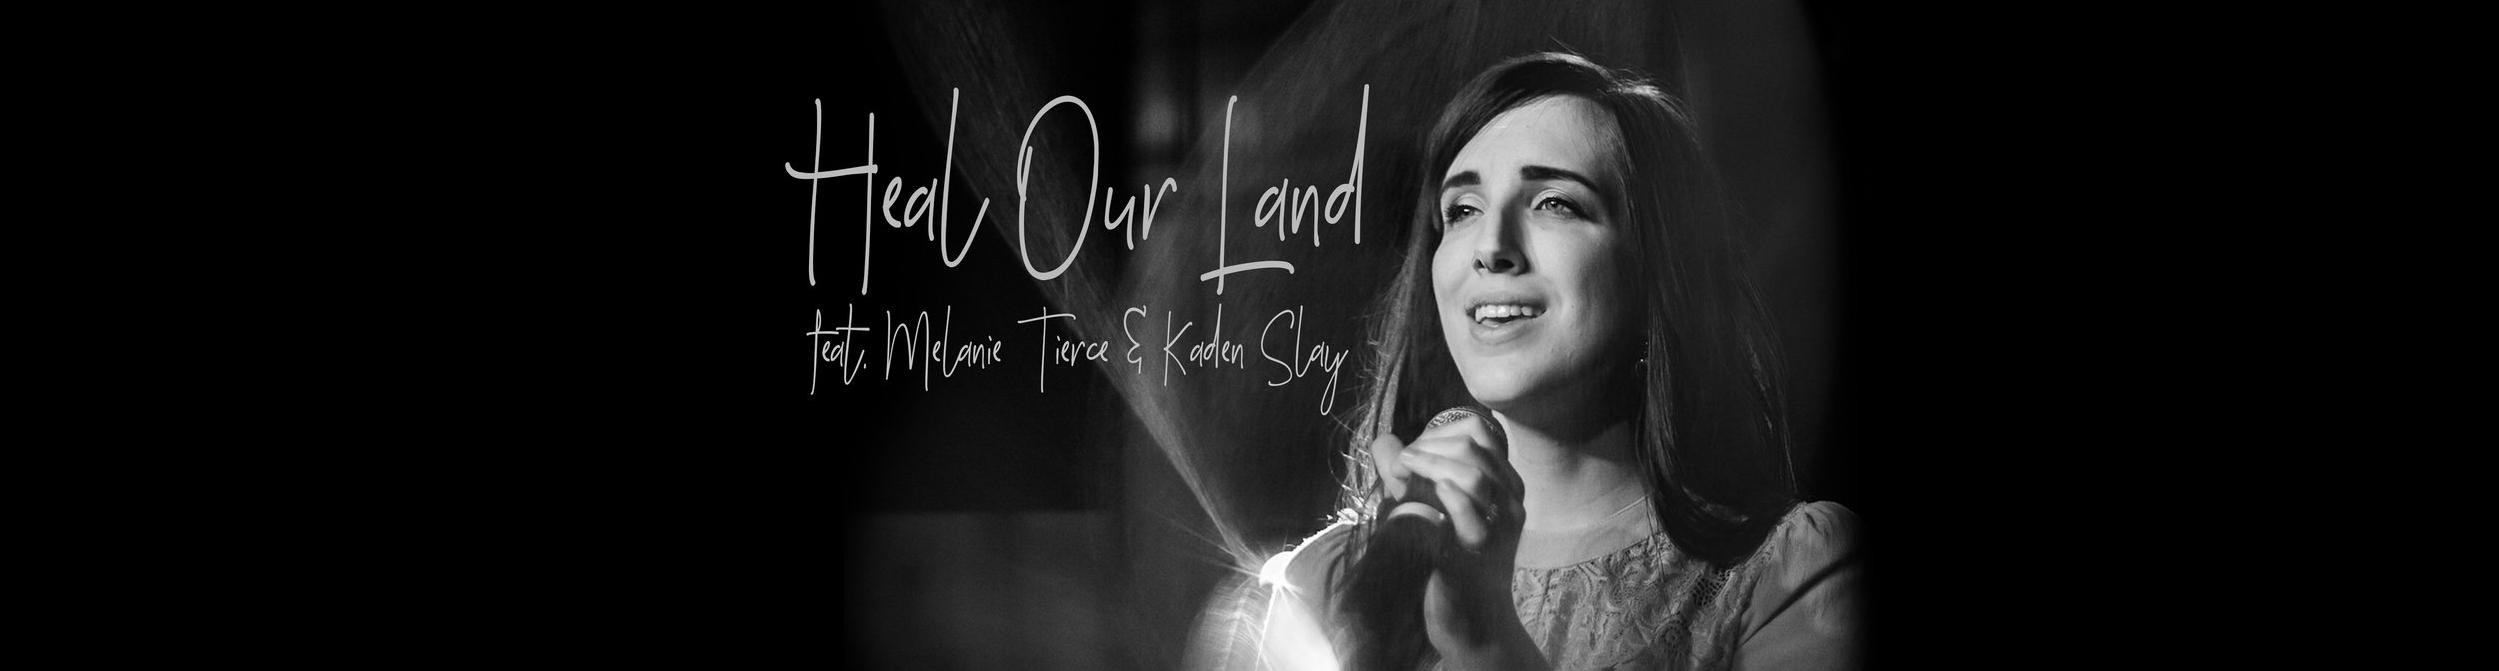 Heal Our Land - Melanie Tierce & Kaden Slay